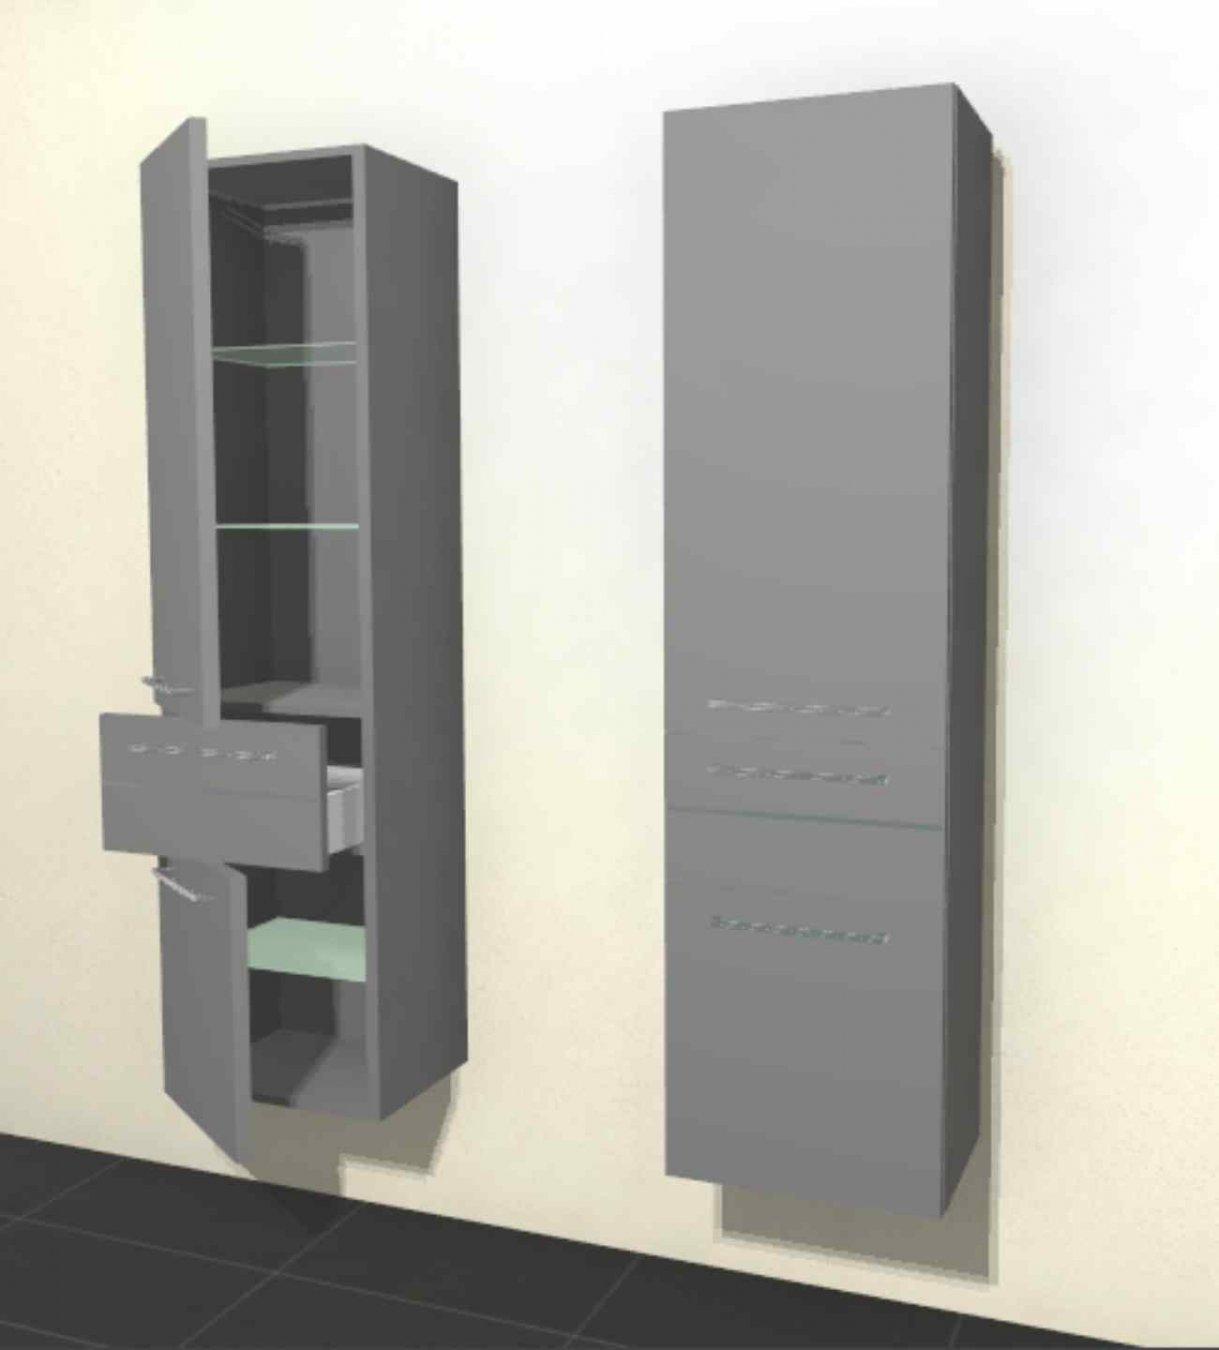 hochschrank mit auszug. Black Bedroom Furniture Sets. Home Design Ideas